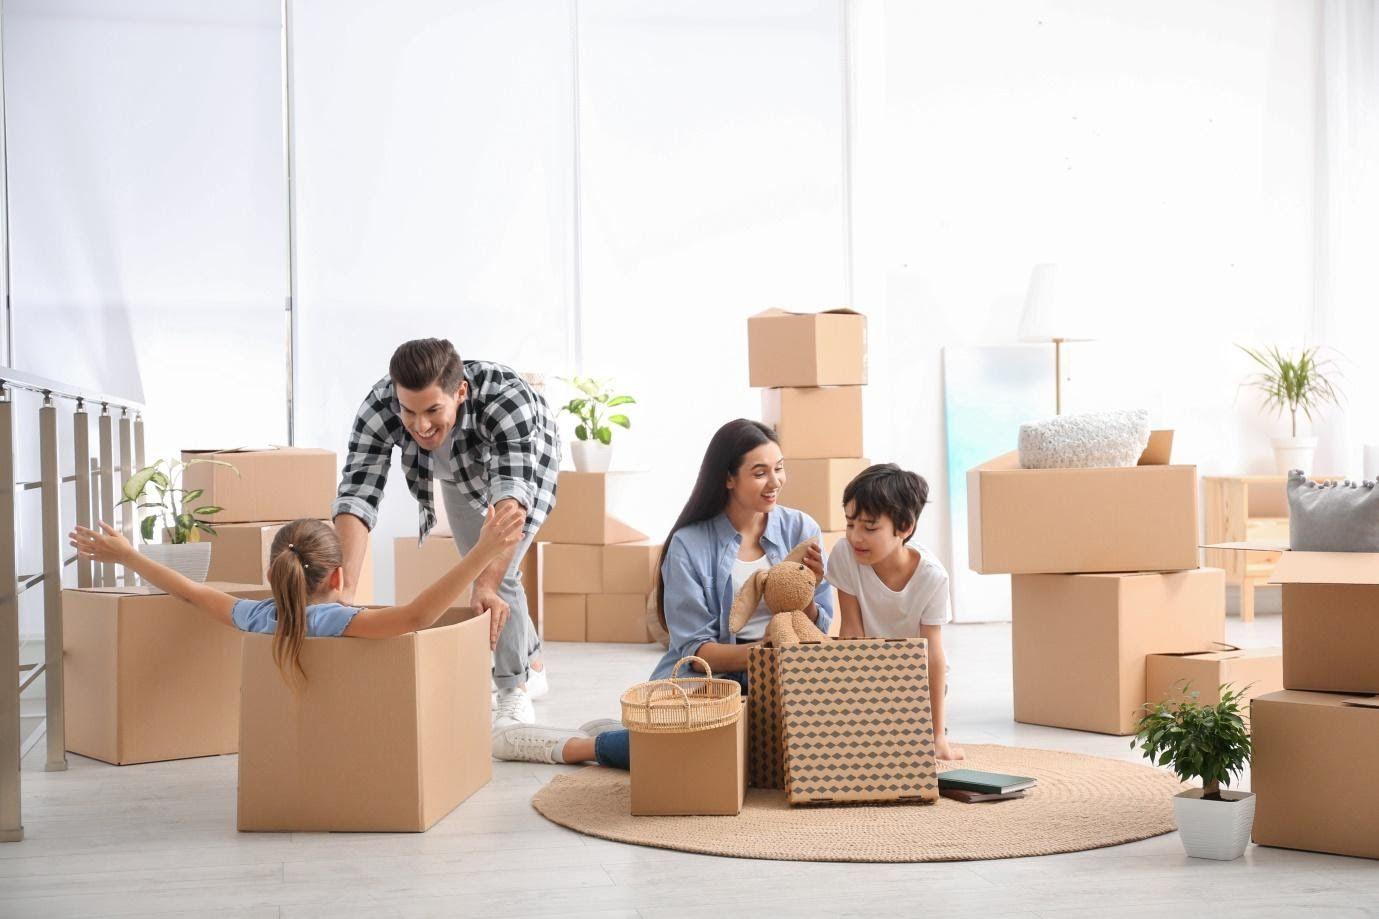 Comment simplifier ses démarches administratives lors d'un déménagement